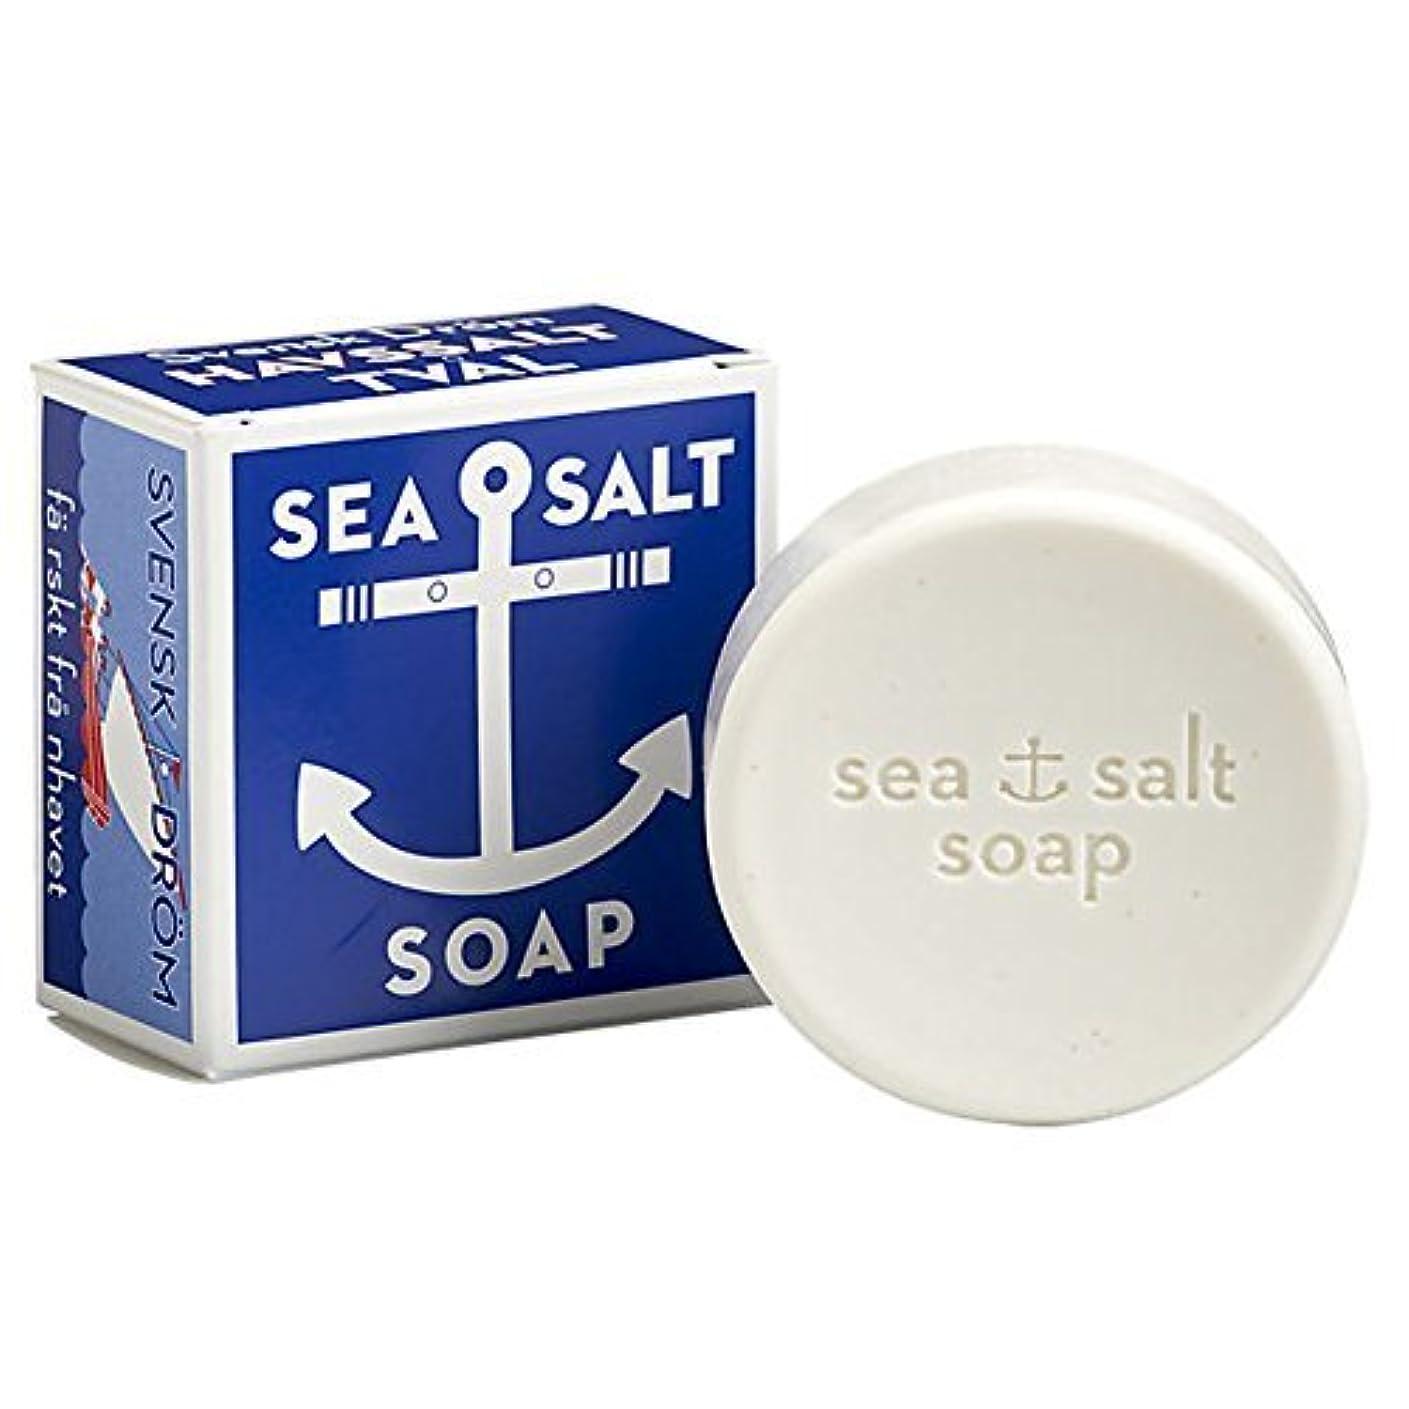 劇作家エキス逃すSwedish Dream Sea Salt Invigorating Bath Soap - One 4.3 oz Bar by Swedish Dream [並行輸入品]